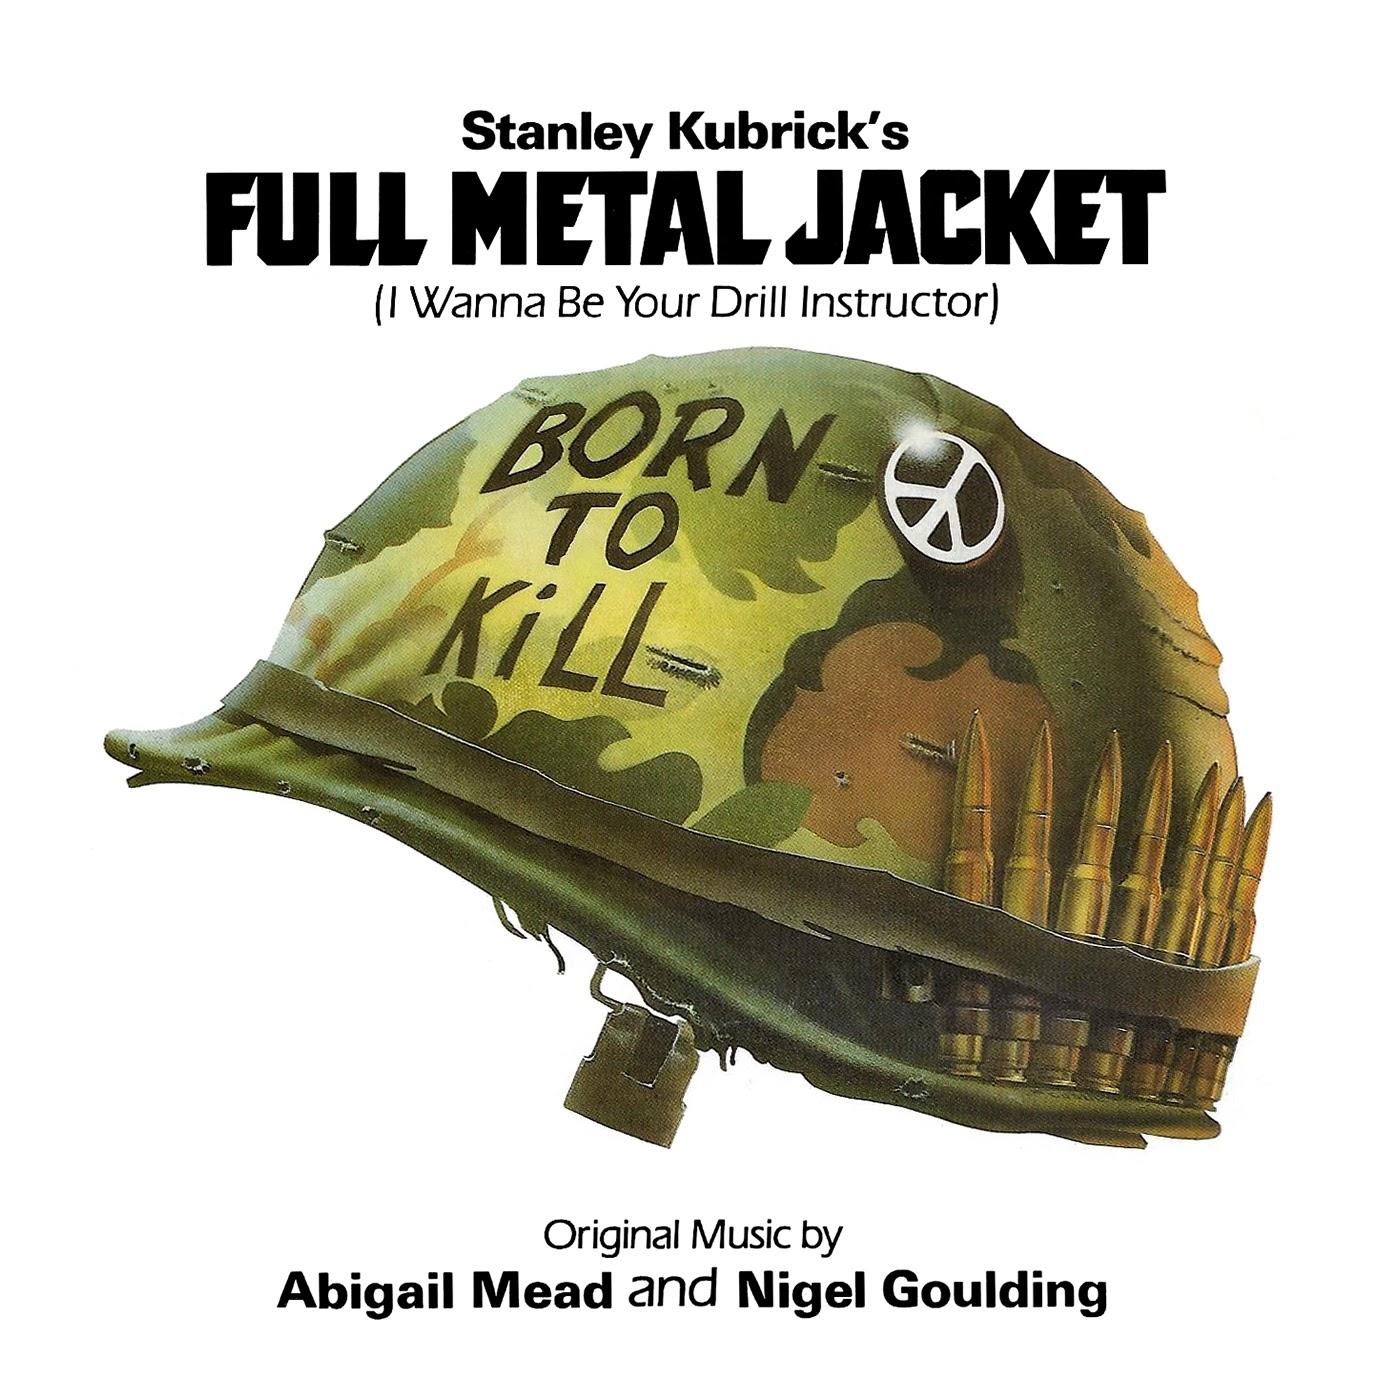 Abigail Mead, Nigel Goulding